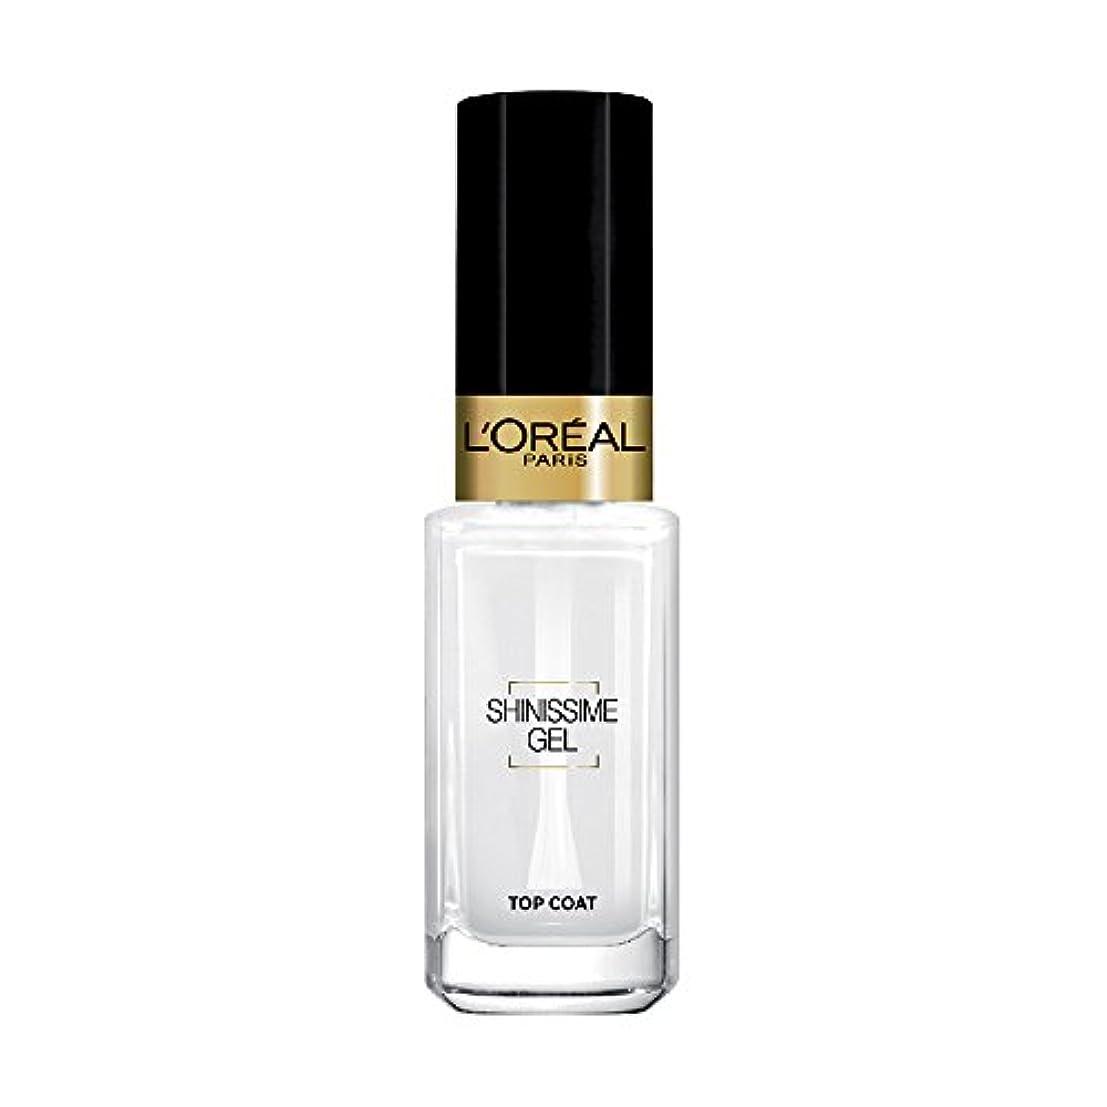 本体鋼元に戻すL 'Oréal Paris shinissime Gel Top Coat effekt gel